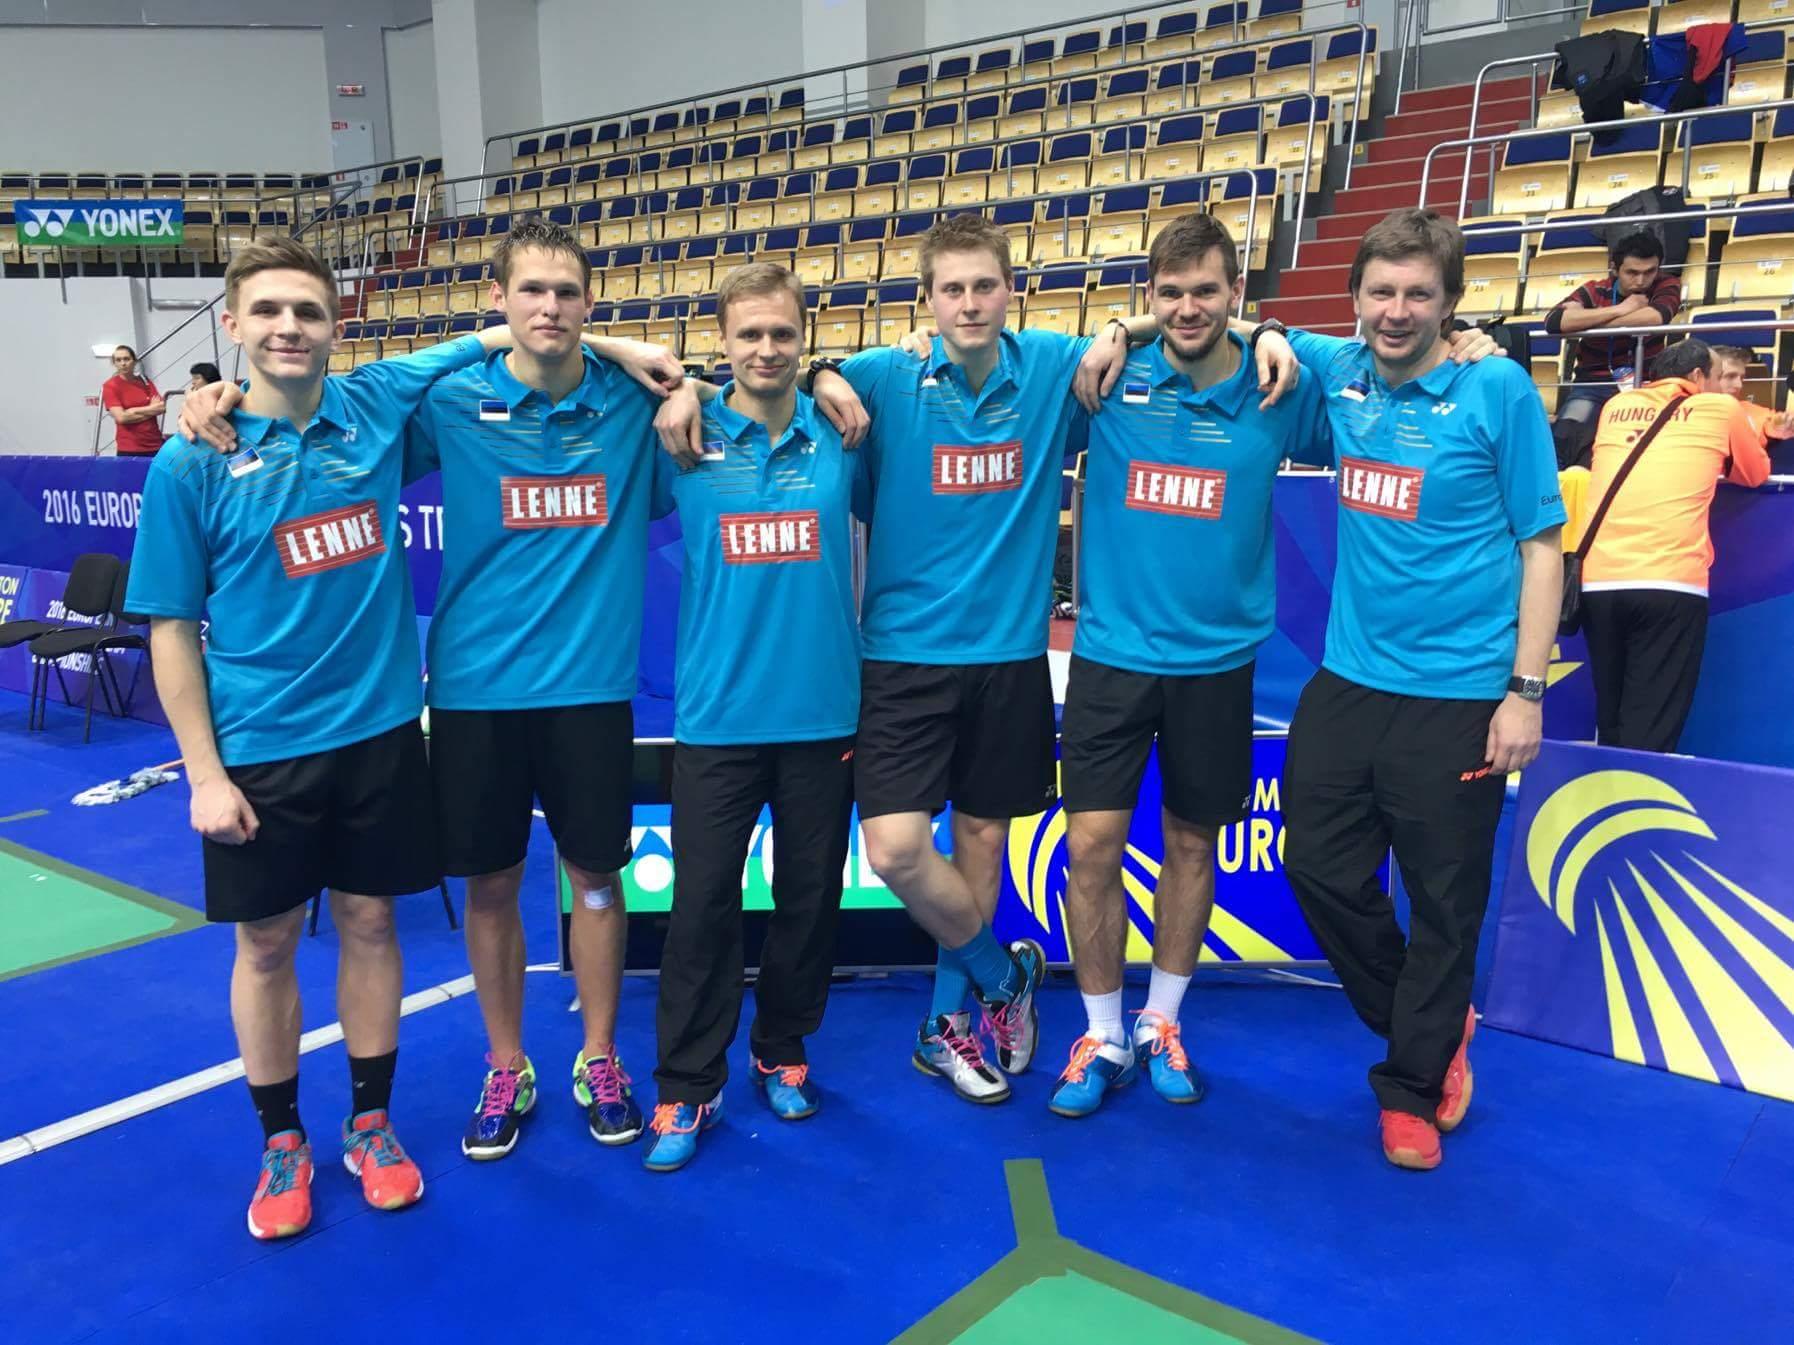 Eesti meeskond võitis sulgpalli EM-il Ungari 3-2